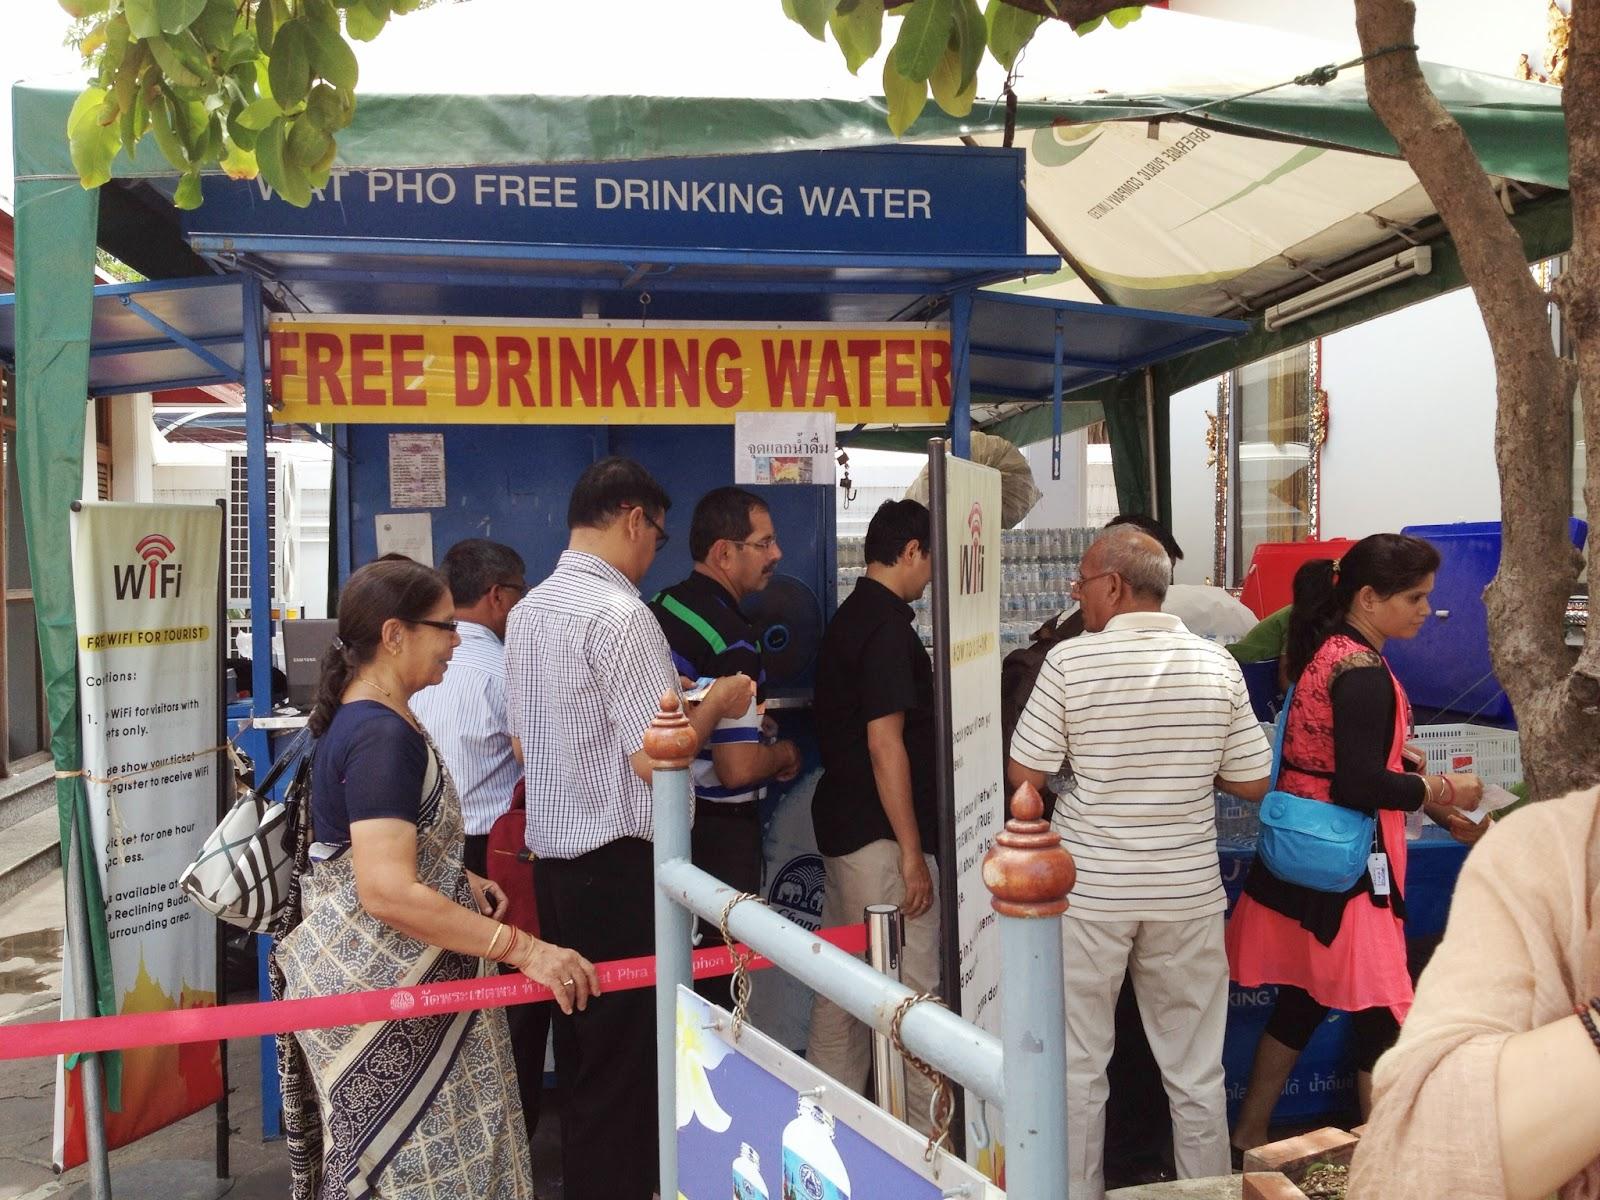 Bangkok - Tourists get free drinking water at Wat Pho